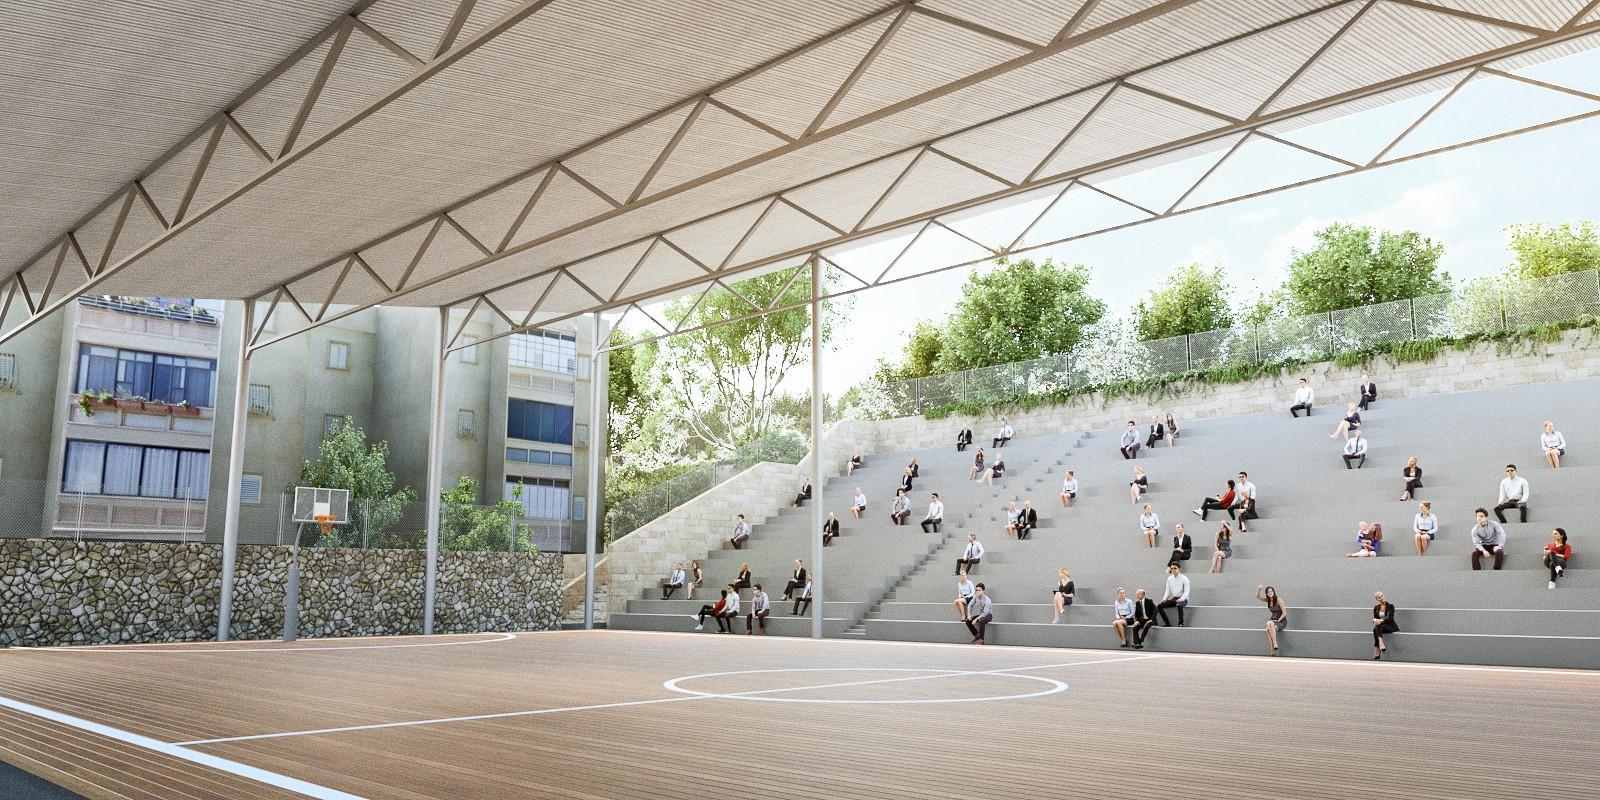 תכנון אדריכלי של קירוי מגרש ספורט קיים